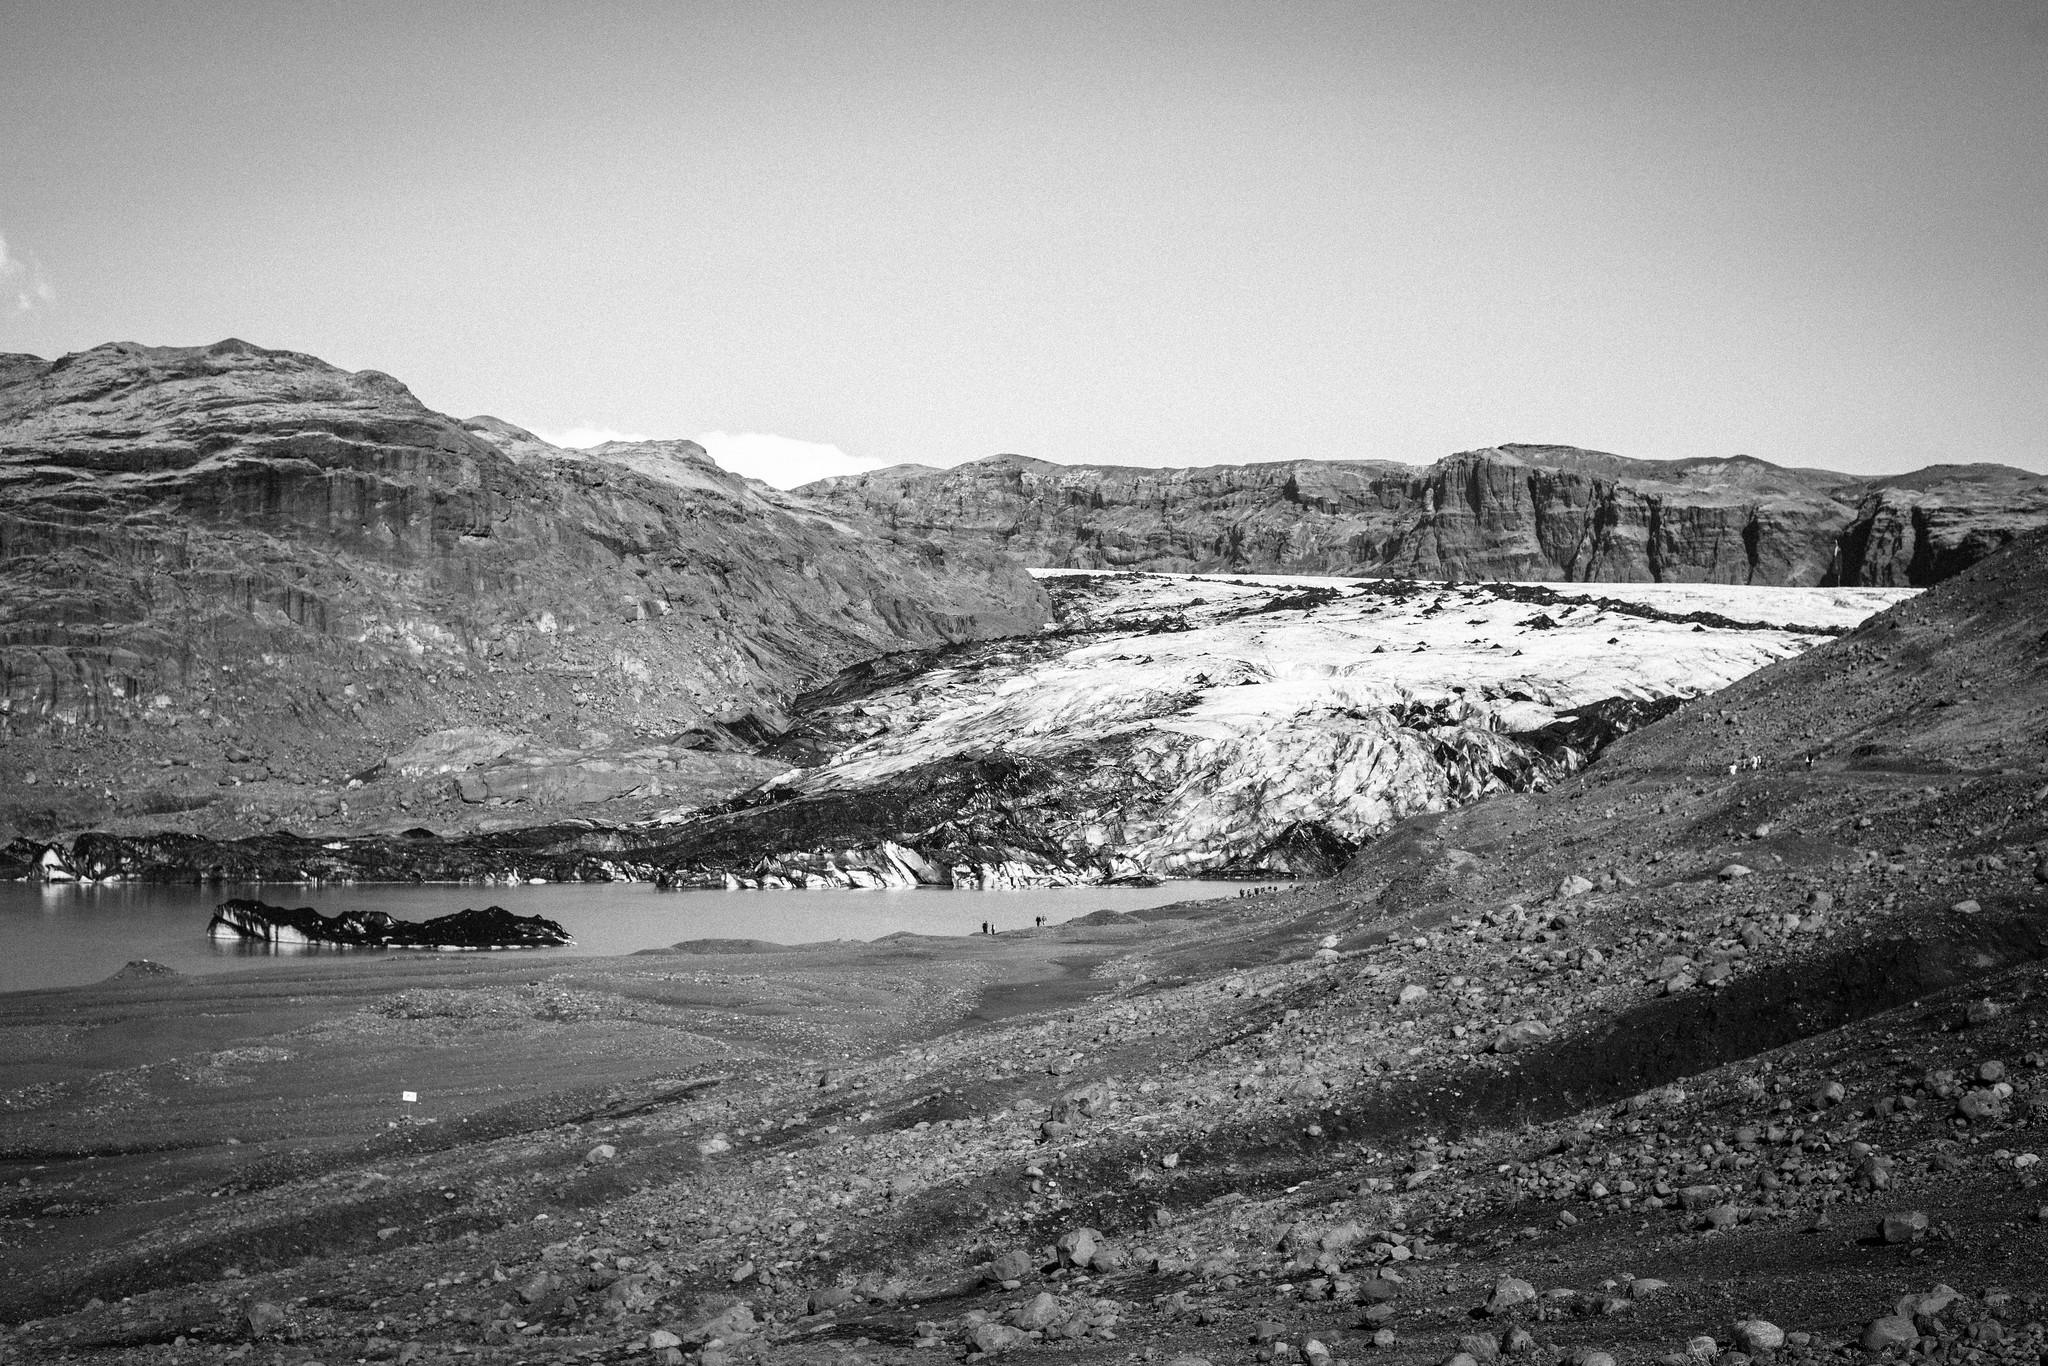 Sólheimajökulll